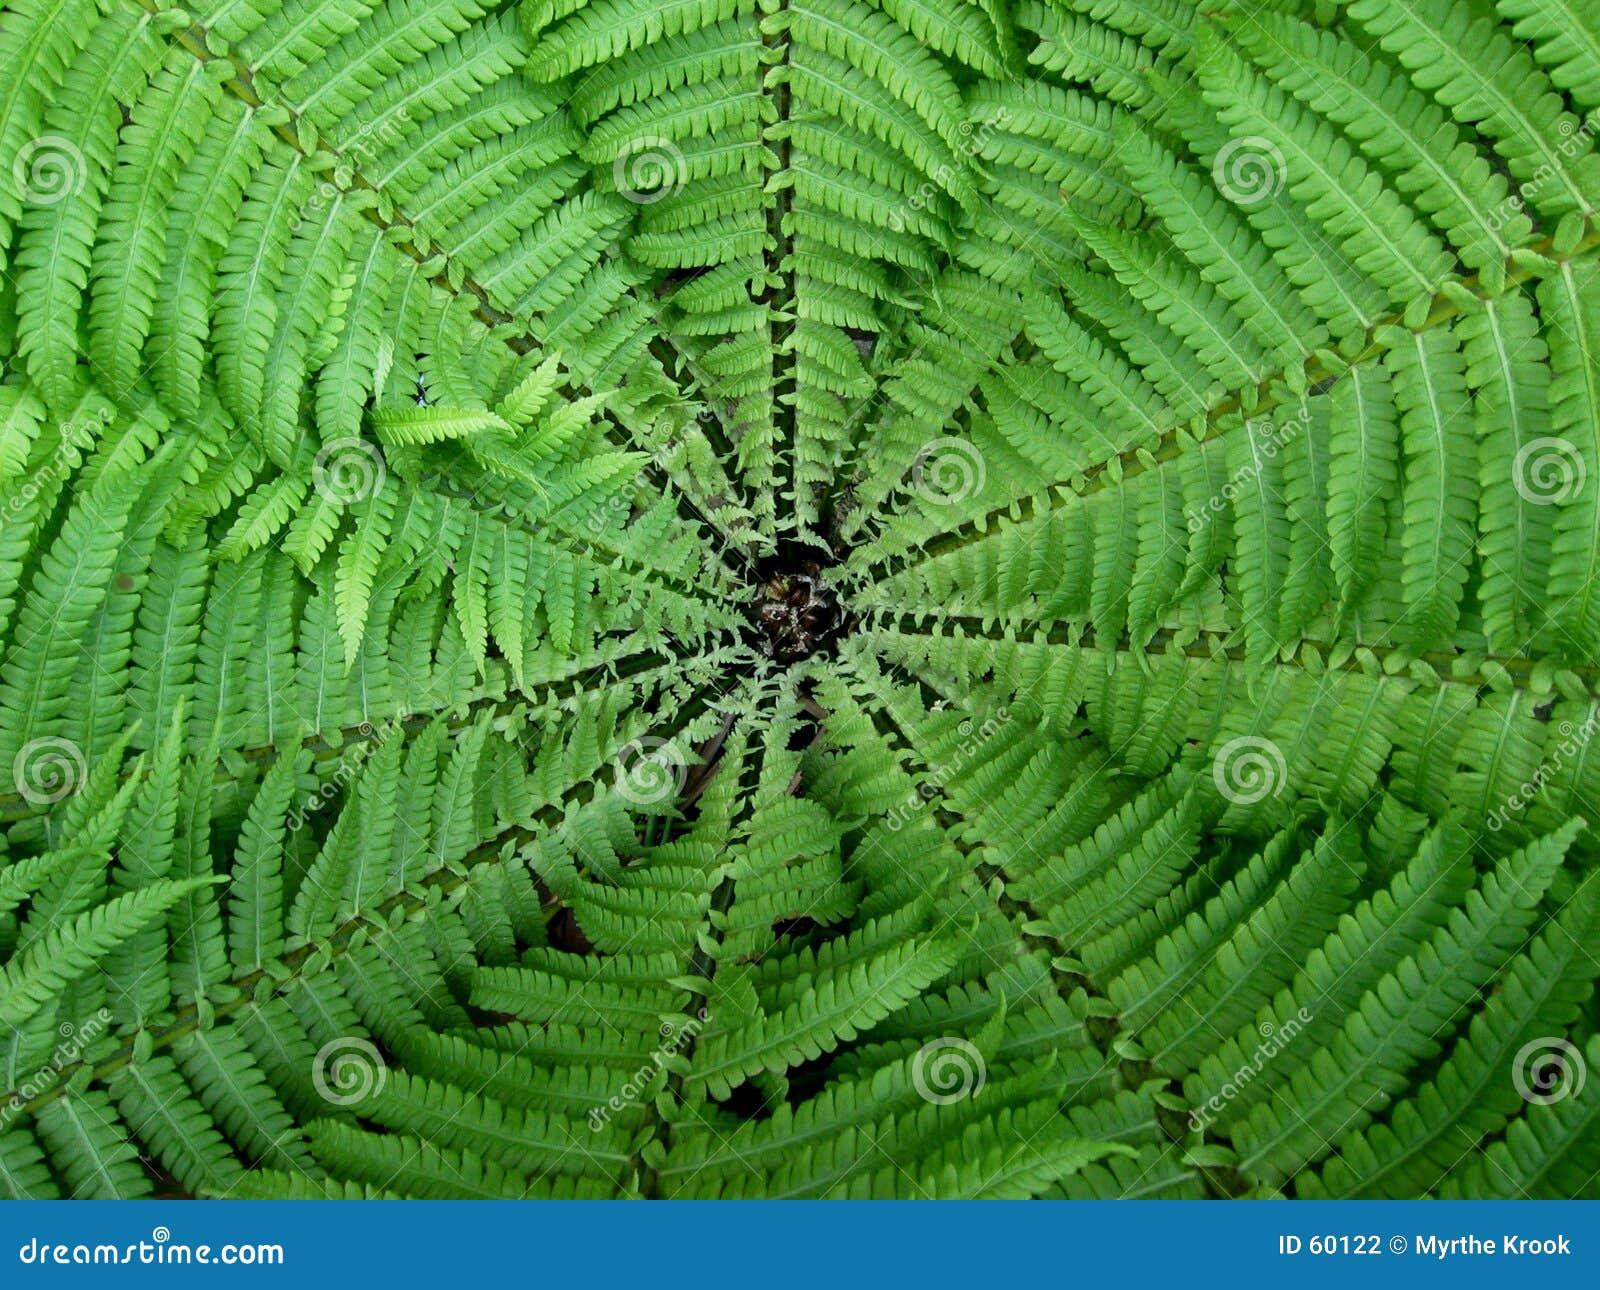 Fernweb